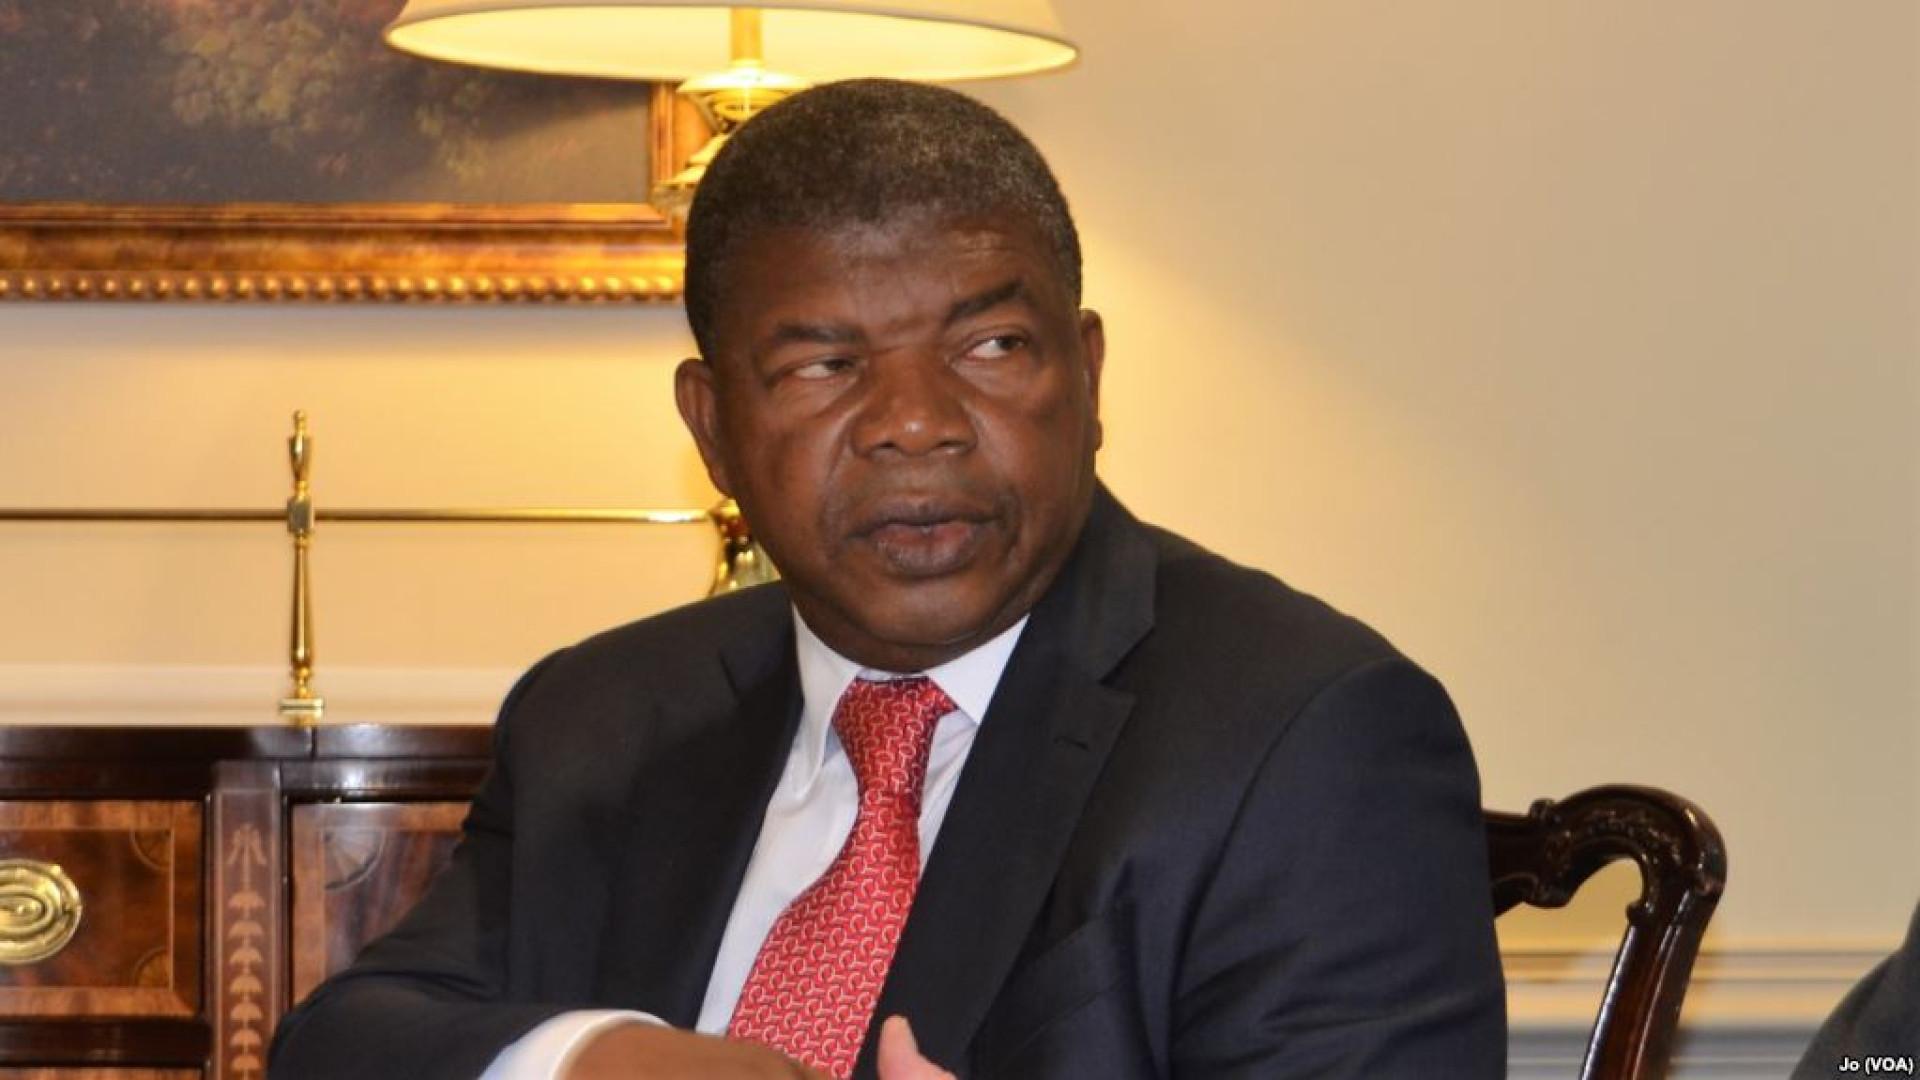 Presidente angolano autoriza reabilitação do Hospital Sanatório de Luanda